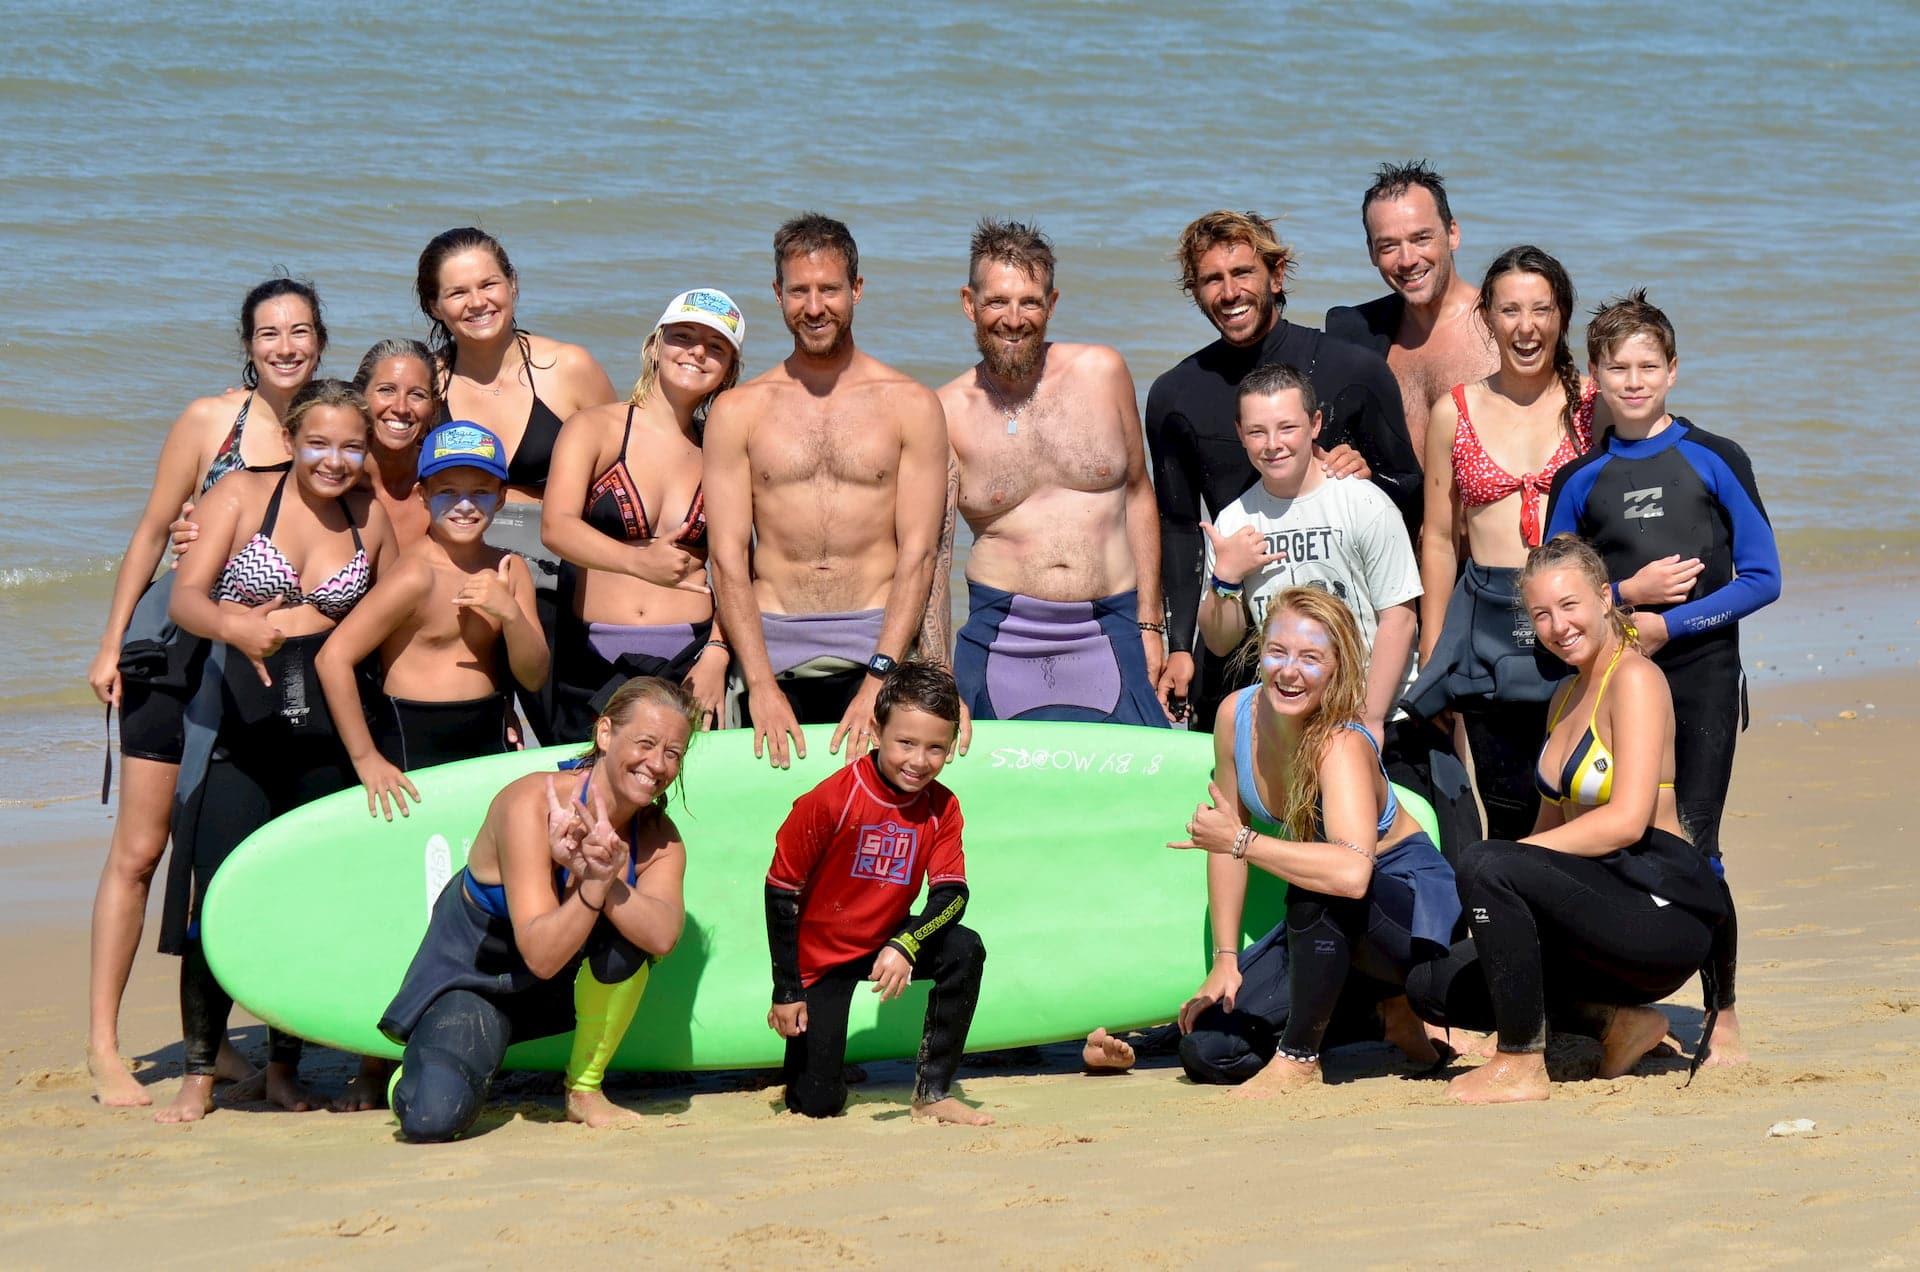 Une famille nombreuse pose sur la plage après un cours de surf collectif ave Magic Surf School Lacanau